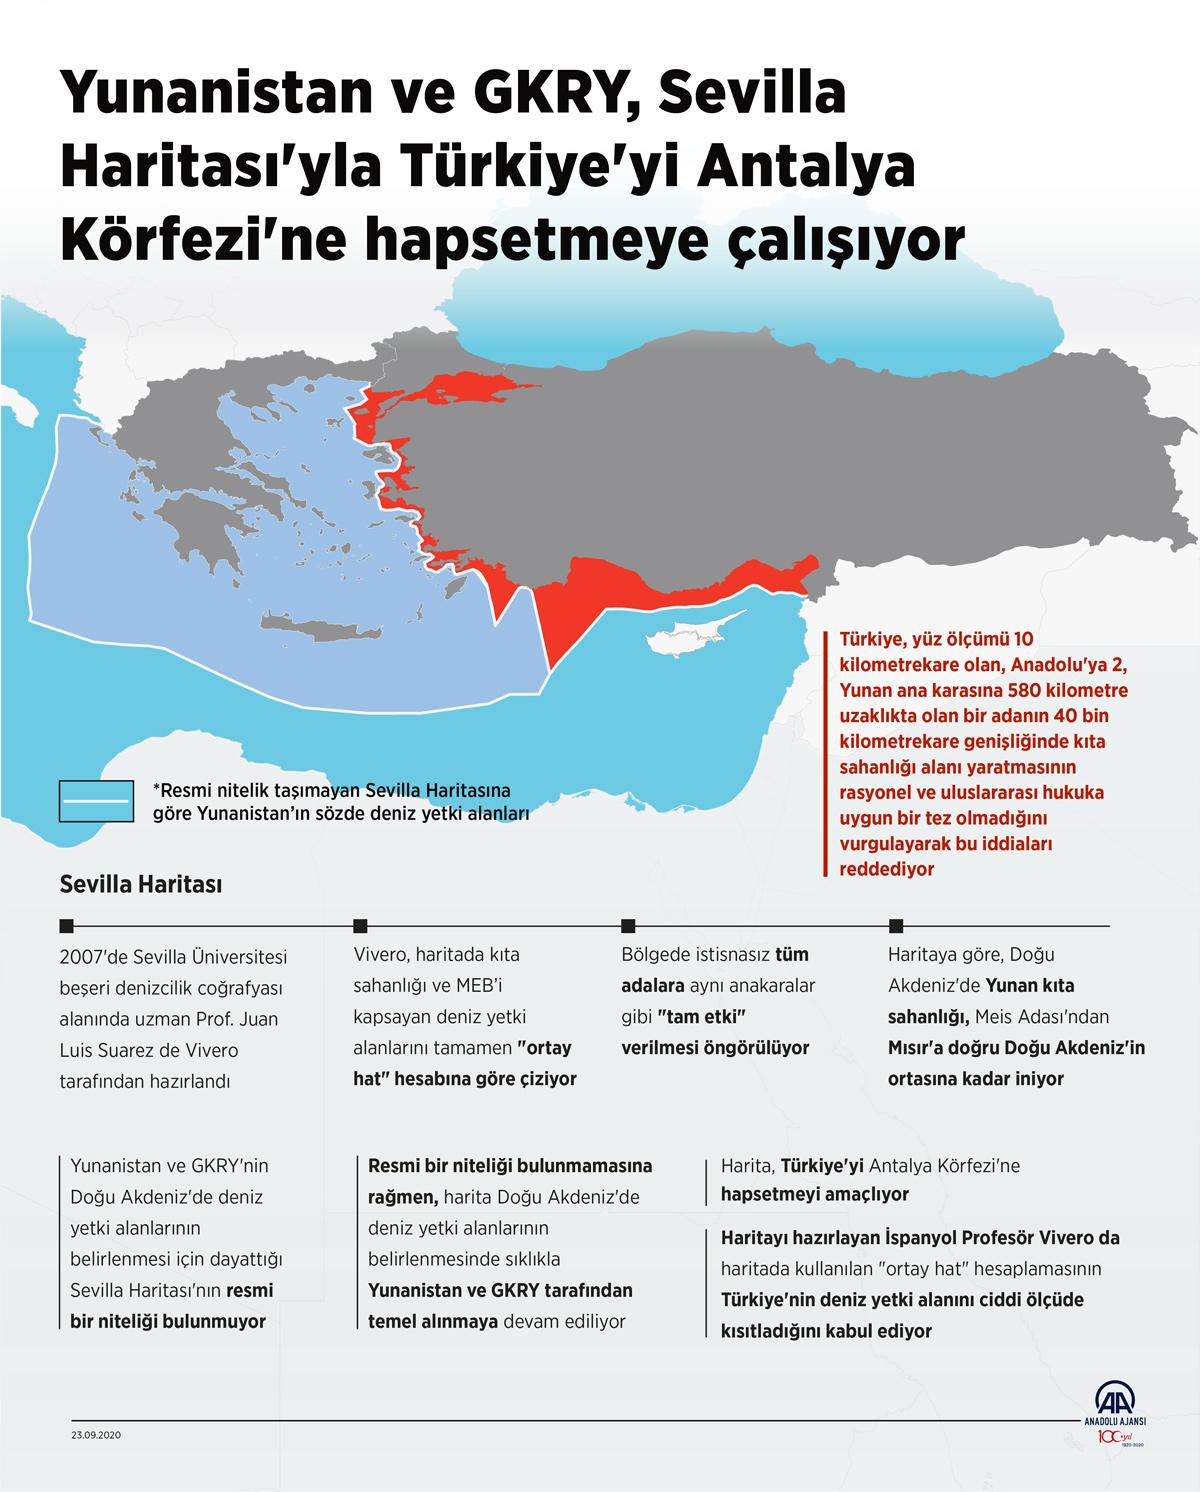 Yunanistan ve Türkiye ilişkileri ışığında gündeme gelen Sevilla Haritası'nın resmi bir niteliği bulunmamasına rağmen, harita Doğu Akdeniz'de deniz yetki alanlarının belirlenmesinde sıklıkla Yunanistan ve Güney Kıbrıs Rum Yönetimi (GKRY) tarafından temel alınmaya devam ediliyor.